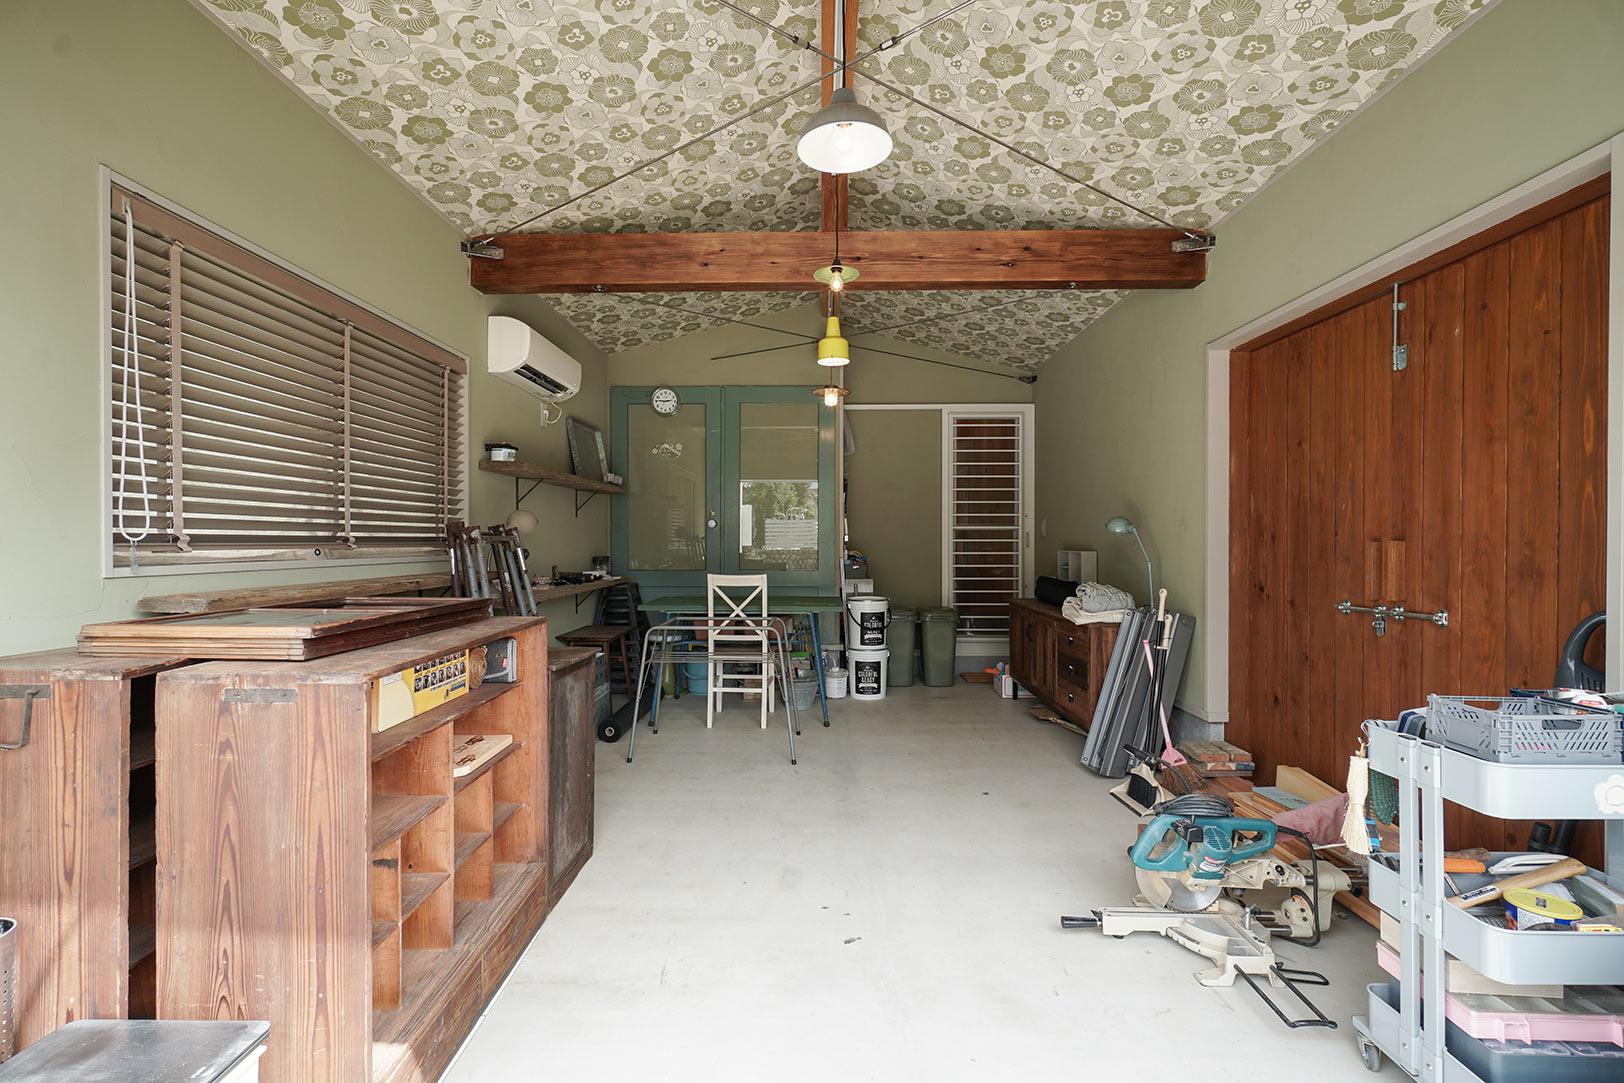 将来は、現在工房として利用しているこのスペースでカフェをやってみたいという小原さん。大工の友人が解体現場で見つけてきてくれるという古いものが整然と並び、既にショップのような雰囲気だ。